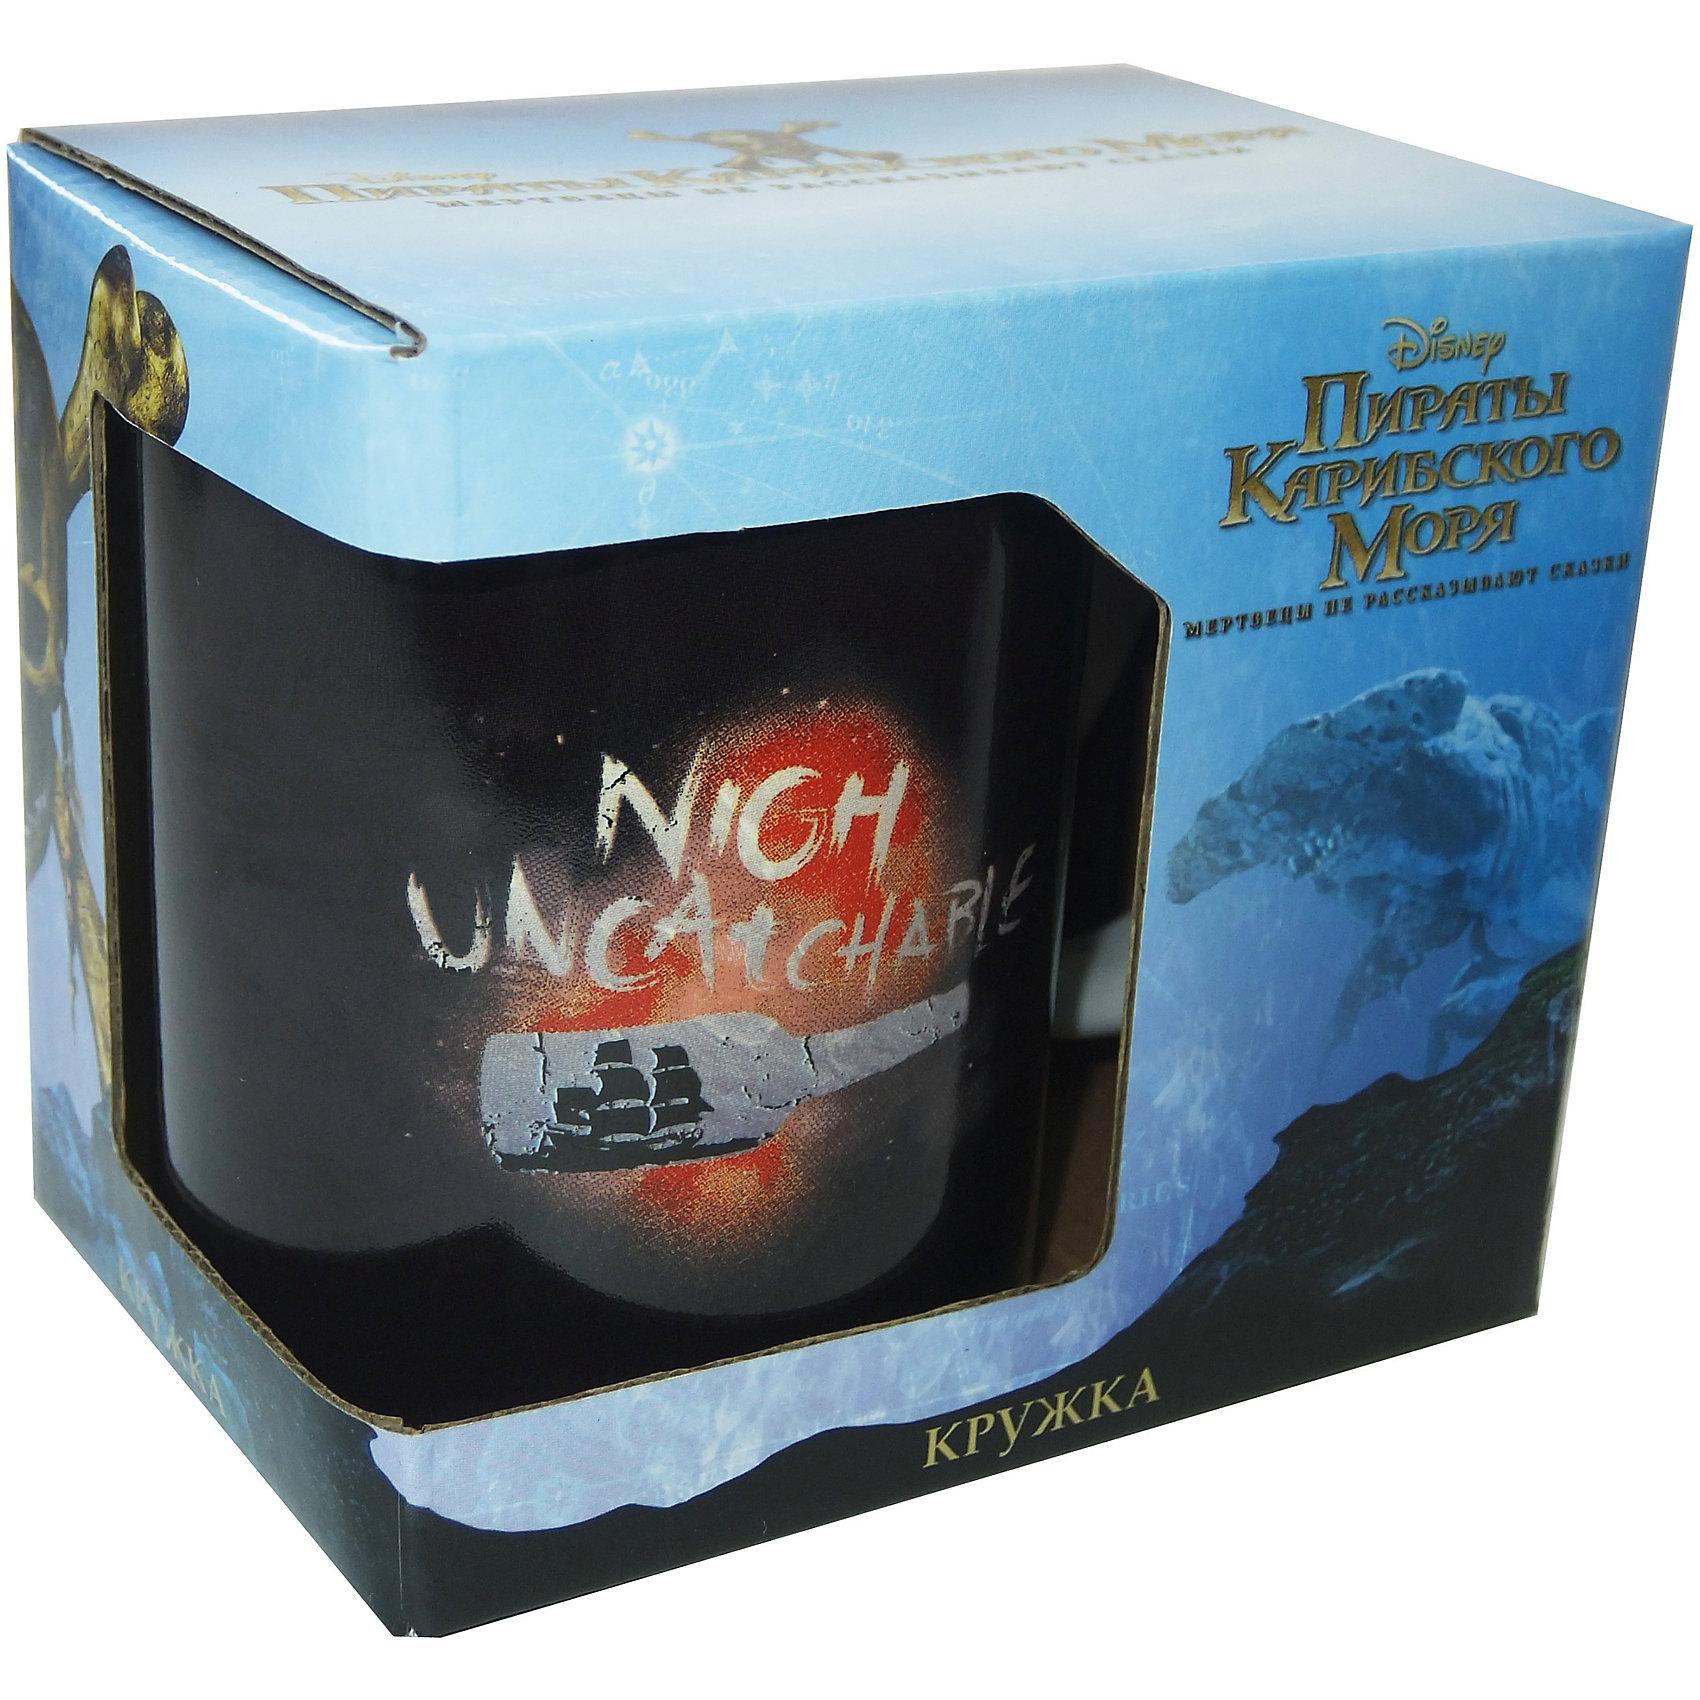 Кружка Пираты Карибского Моря. Бунтарь в подарочной упаковке, 350 мл., DisneyПосуда<br>Характеристики:<br><br>• Материал: керамика<br>• Тематика рисунка: Пираты Карибского моря<br>• Можно использовать для горячих и холодных напитков<br>• Объем: 350 мл<br>• Вес: 360 г<br>• Размеры (Д*Ш*В): 12*8,2*9,5 см<br>• Упаковка: подарочная картонная коробка<br>• Особенности ухода: можно мыть в посудомоечной машине<br><br>Кружка Пираты Карибского моря. Бунтарь в подарочной упаковке, 350 мл., Disney выполнена в стильном дизайне: на черном корпусе нанесено изображение капитана Джека Воробья, ручка у кружки белая. Изображение устойчиво к появлению царапин, не выцветает при частом мытье. <br><br>Кружку Пираты Карибского моря. Бунтарь в подарочной упаковке, 350 мл., Disney можно купить в нашем интернет-магазине.<br><br>Ширина мм: 120<br>Глубина мм: 82<br>Высота мм: 95<br>Вес г: 360<br>Возраст от месяцев: 36<br>Возраст до месяцев: 1188<br>Пол: Унисекс<br>Возраст: Детский<br>SKU: 6849936